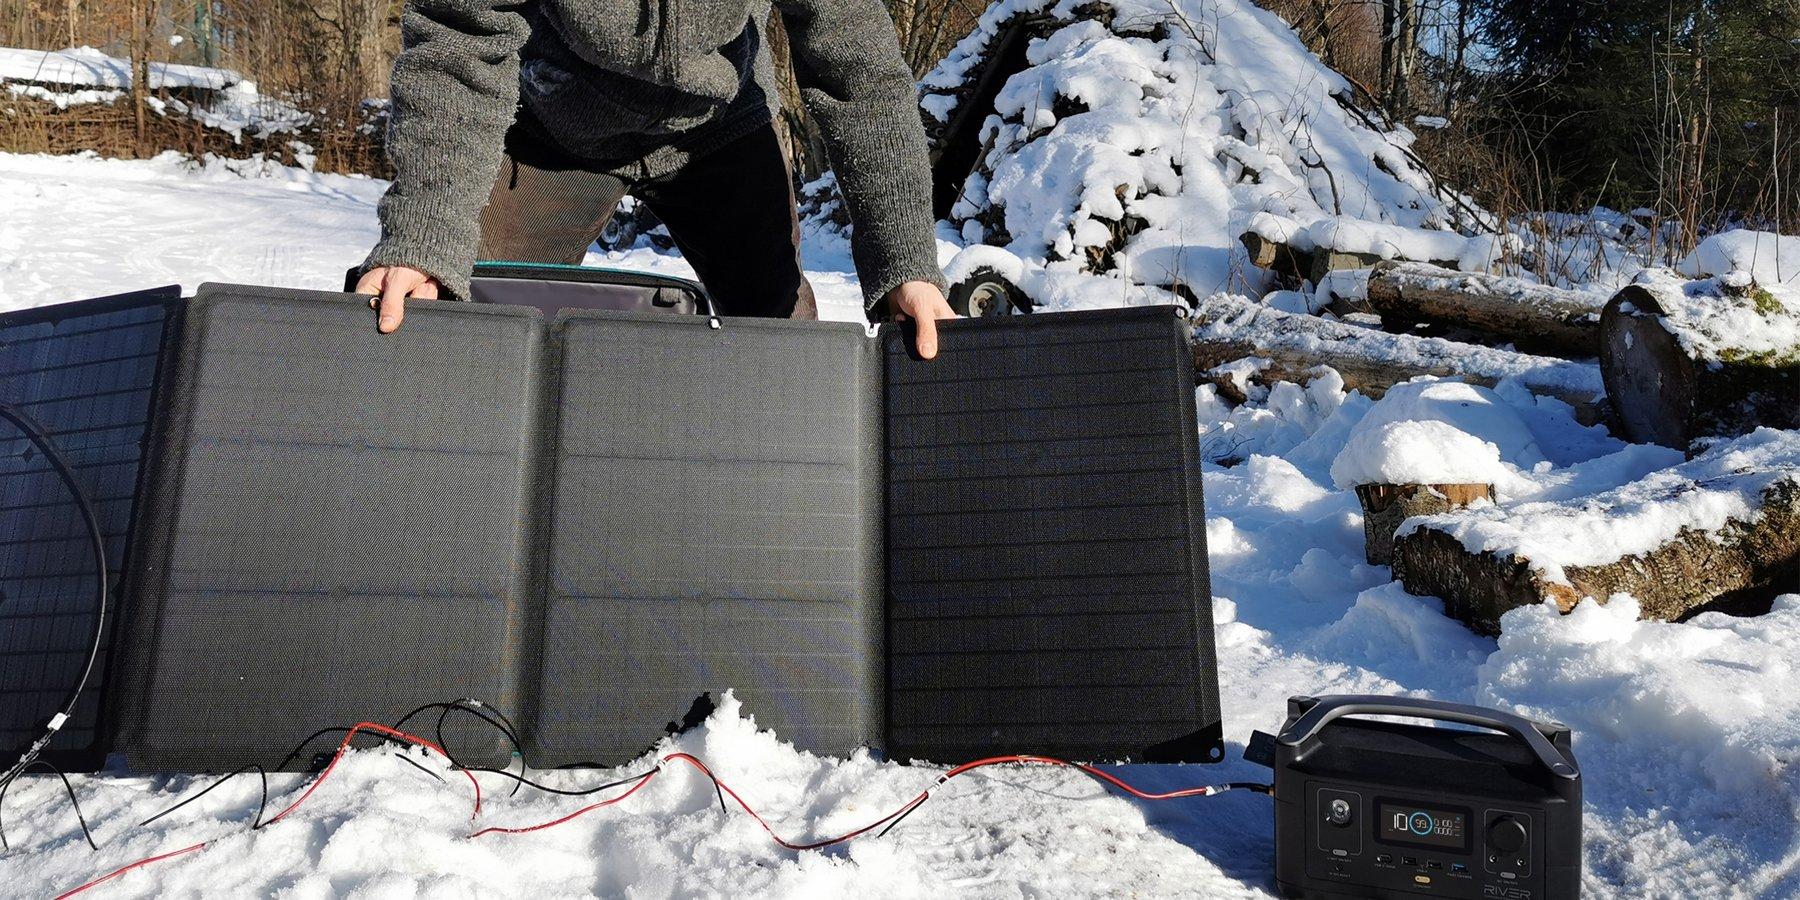 Panneau solaire ecoflow batterie 220V